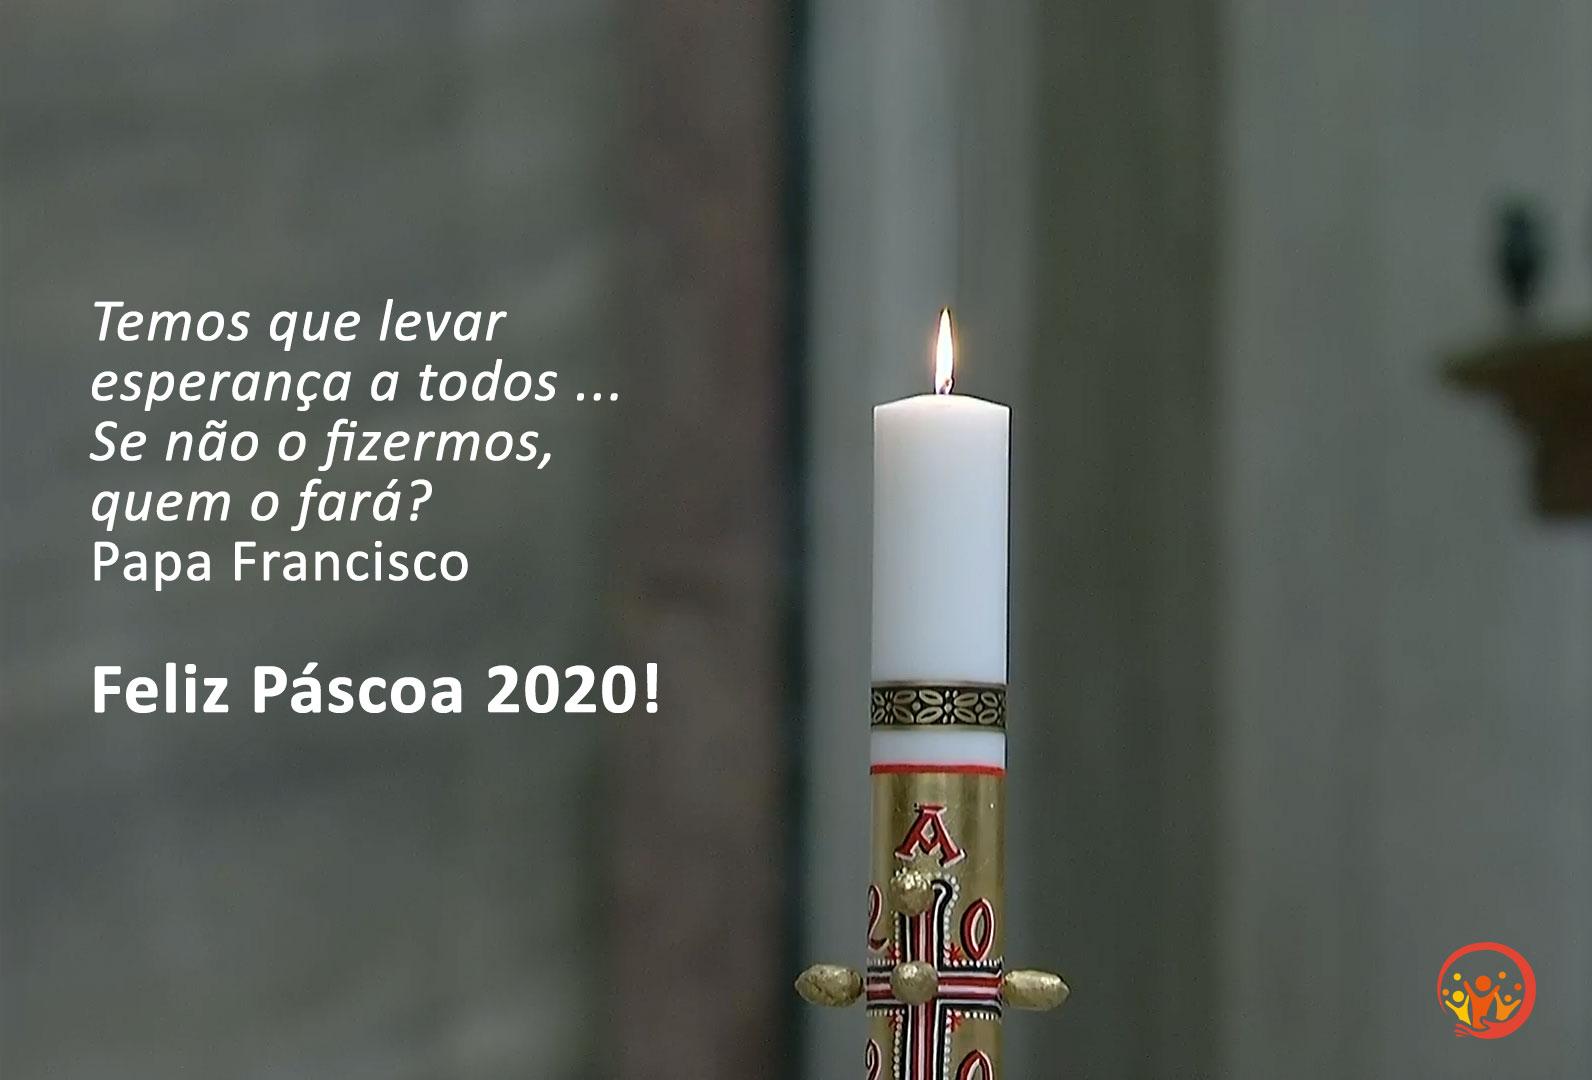 Feliz Páscoa 2020!